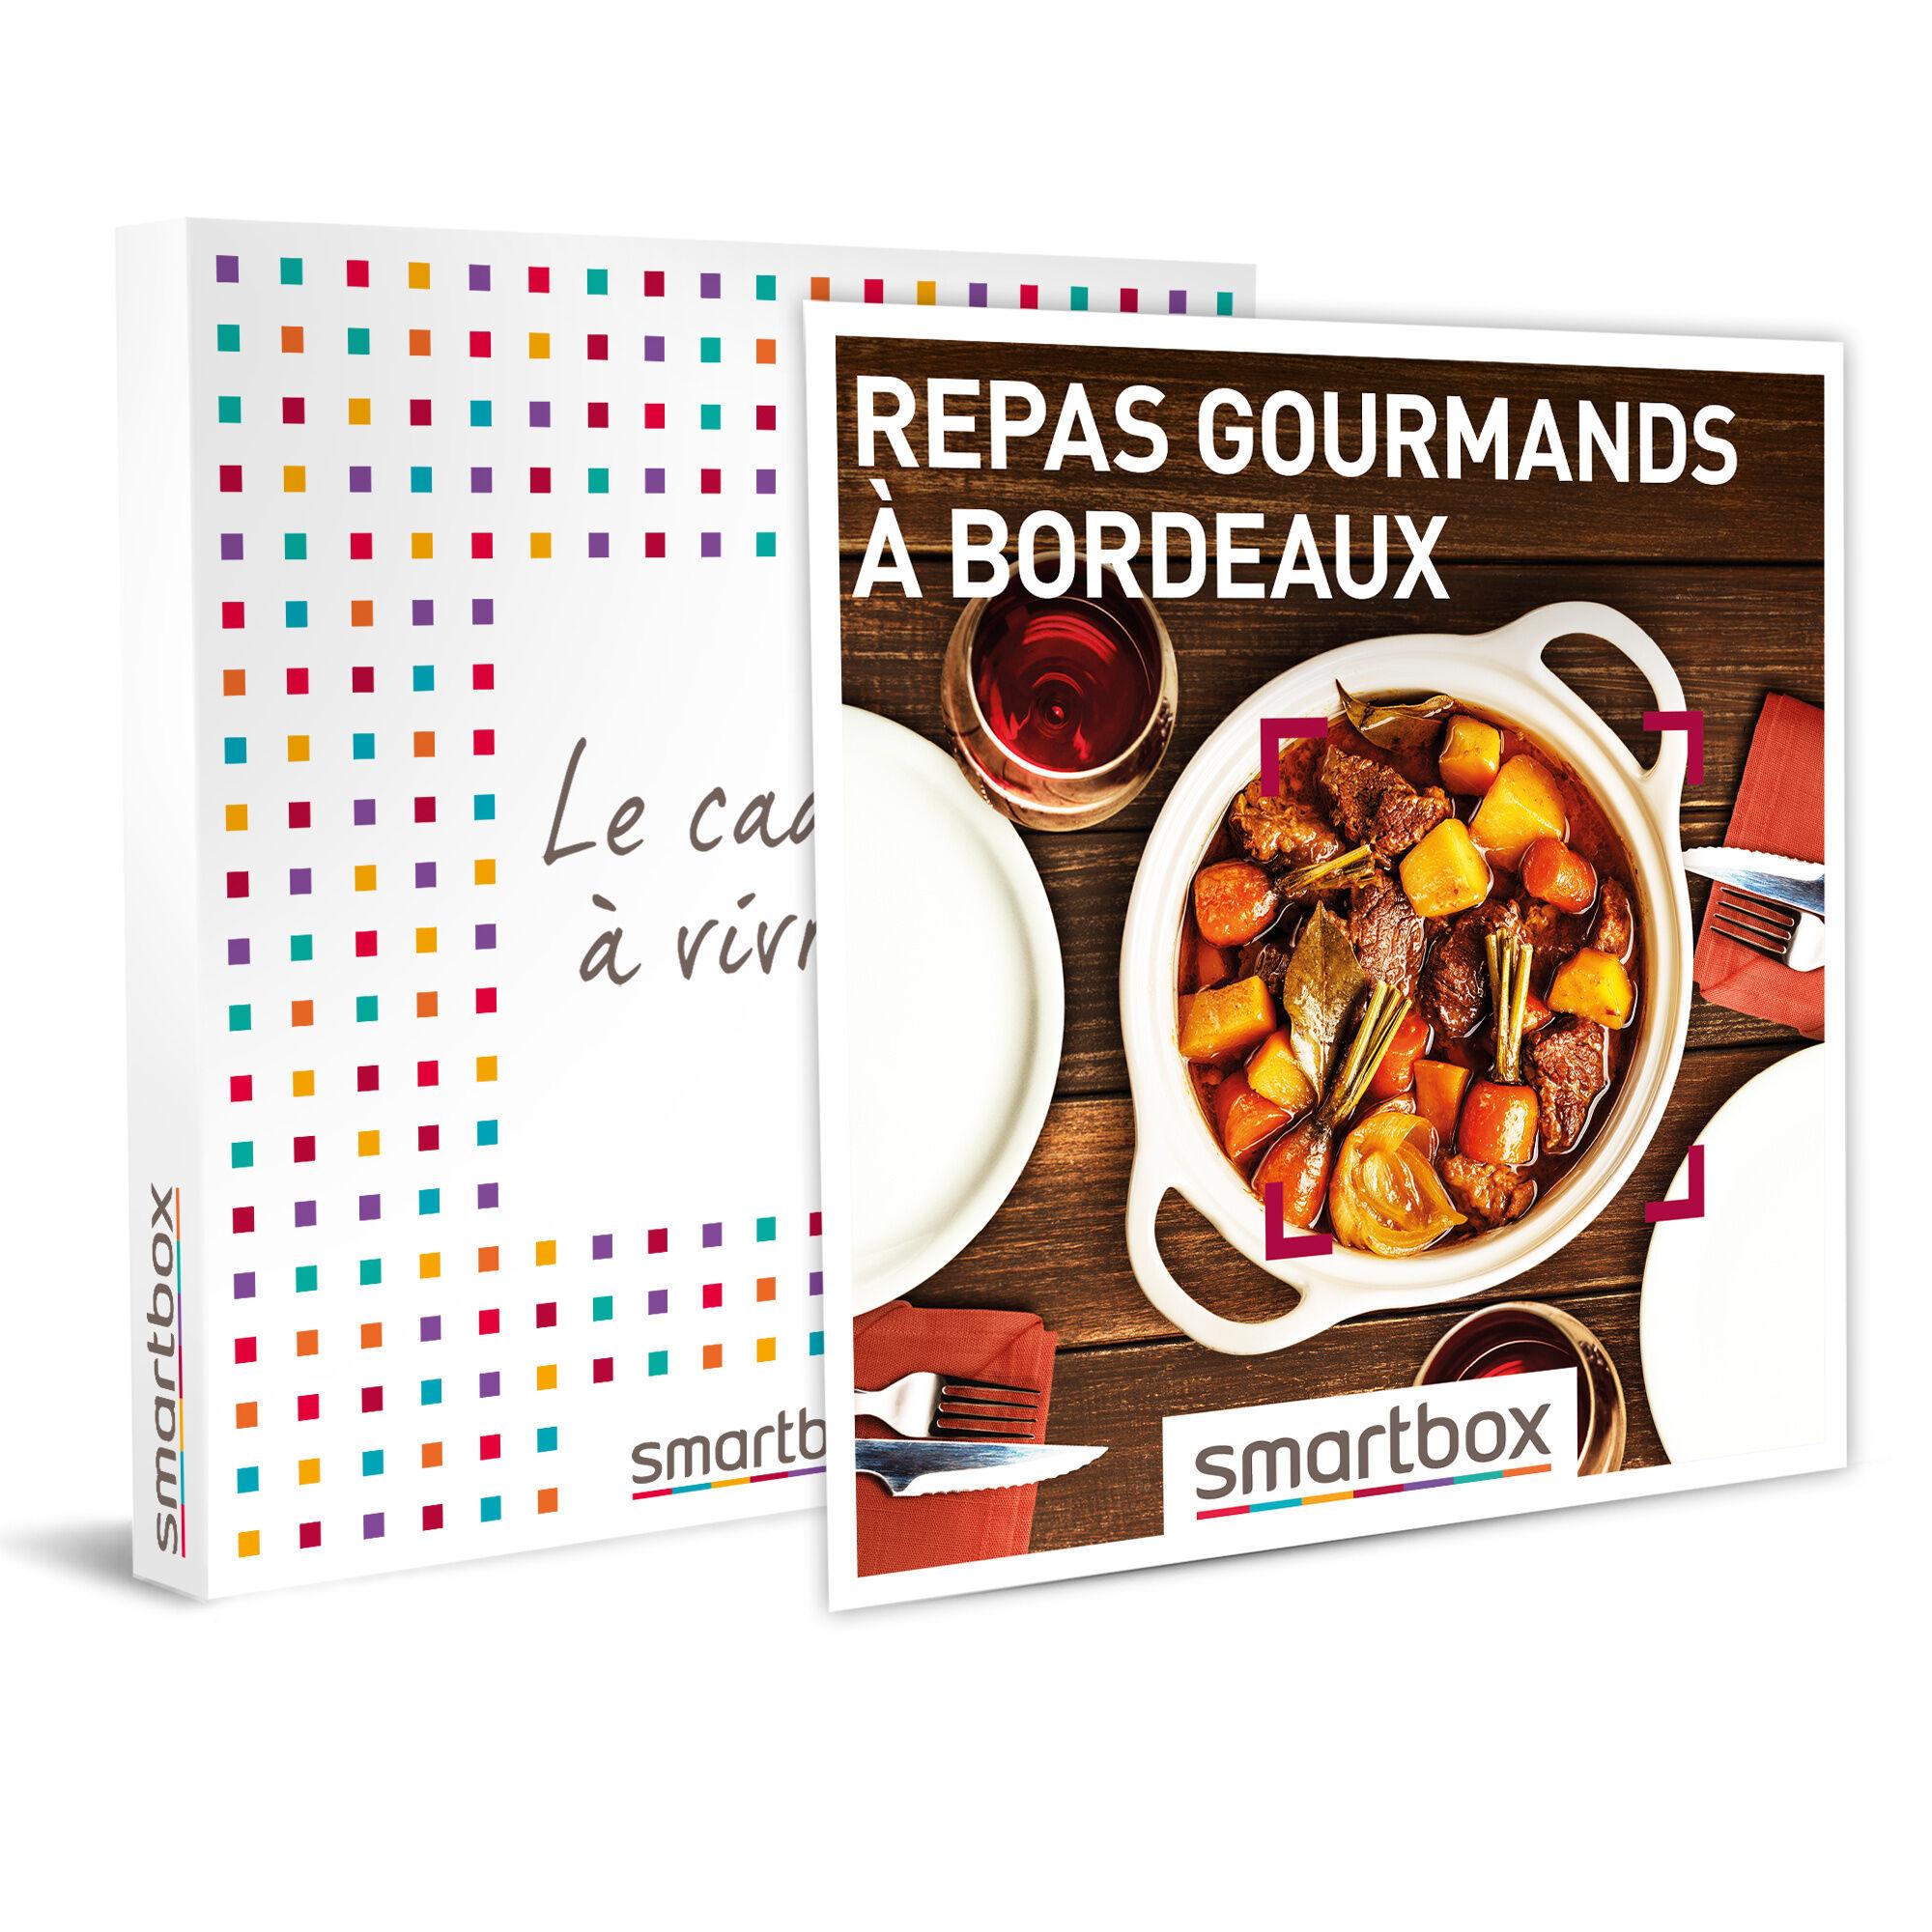 repas gourmands à bordeaux coffret cadeau smartbox